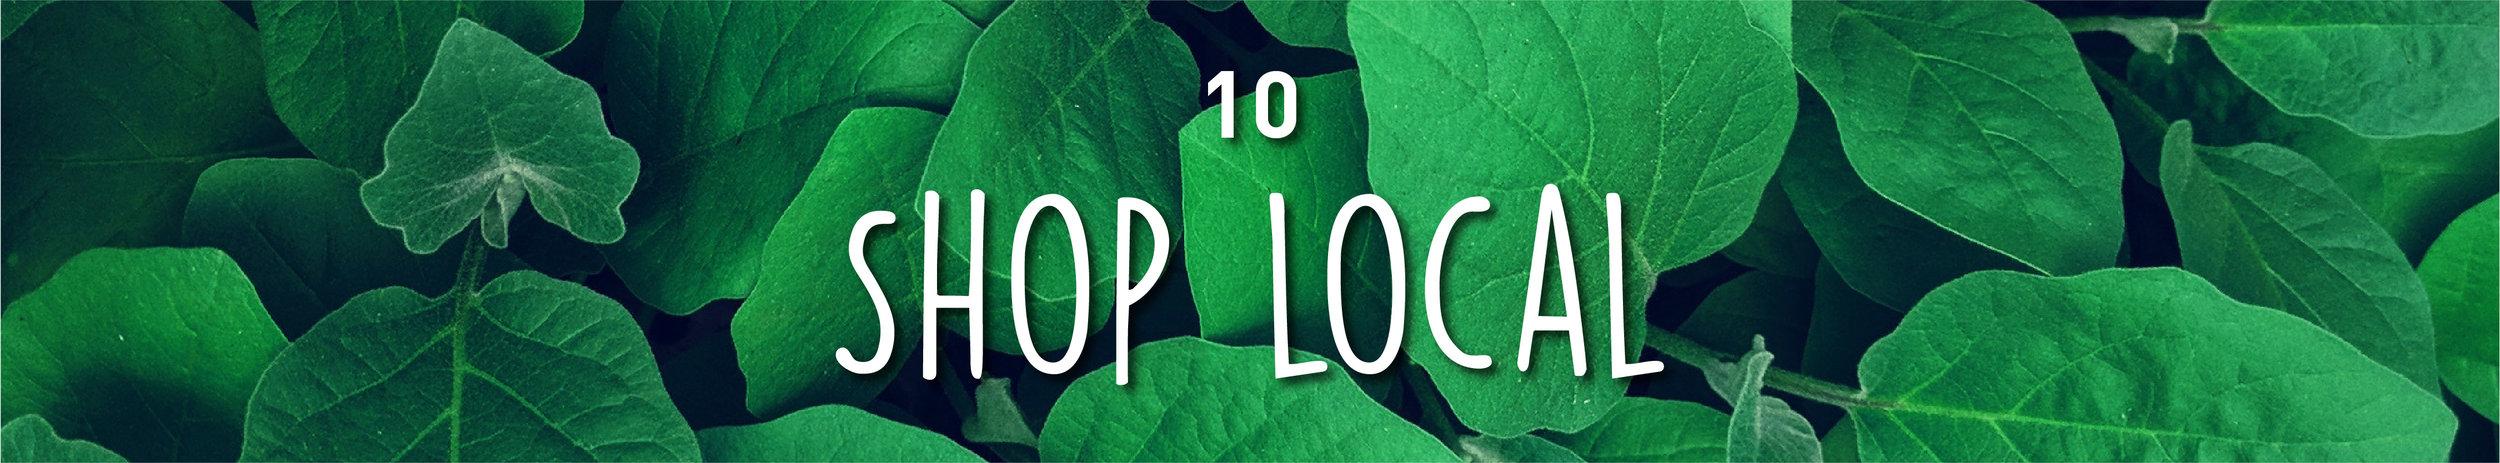 Week34-SustainableMarketing_InBlog_1 copy 22.jpg